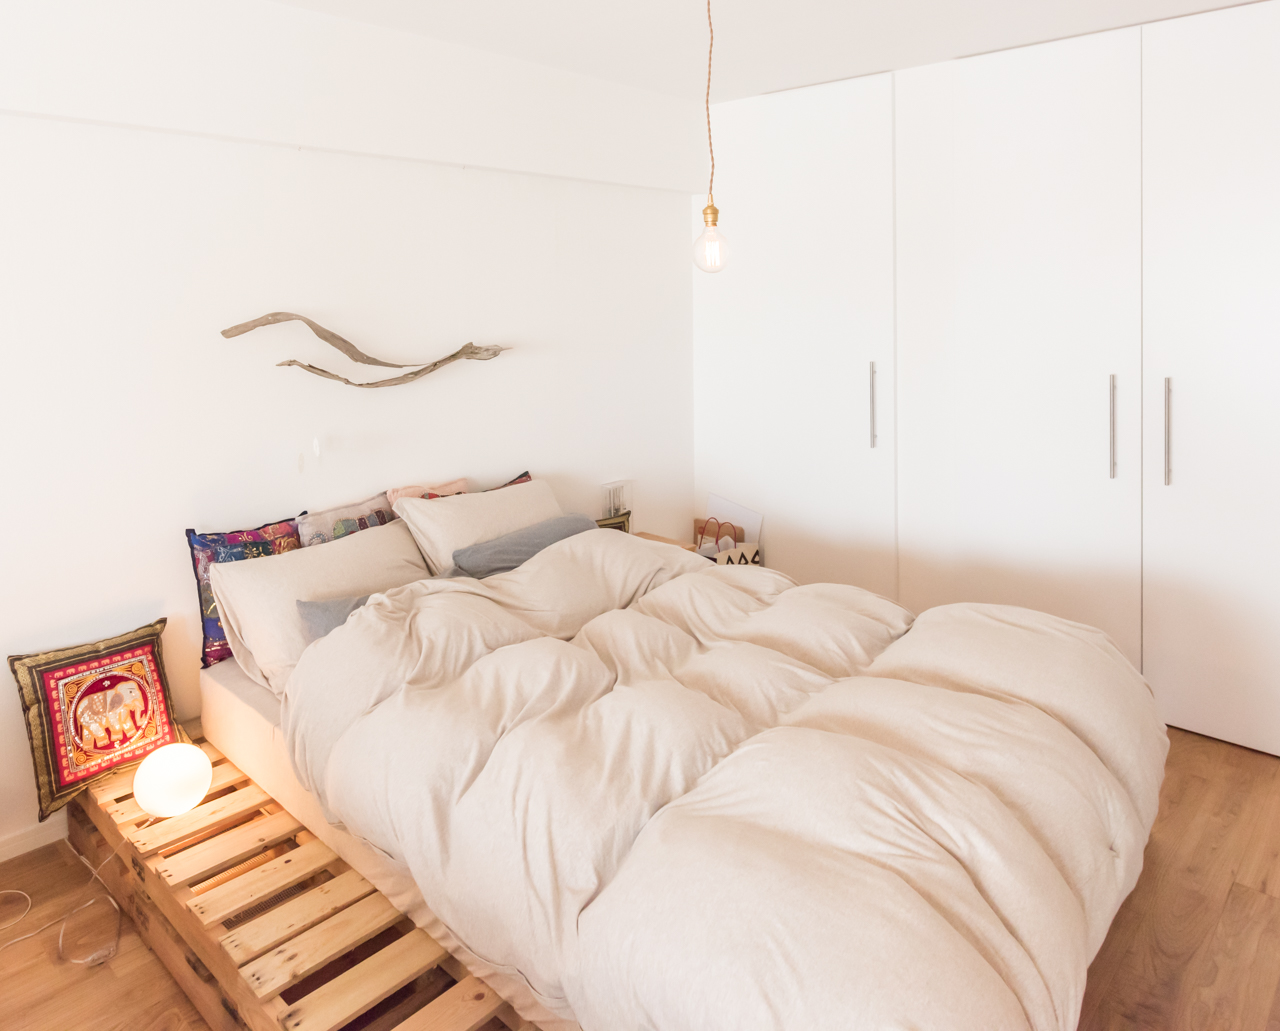 木製パレットを使ったベッドはもはやおしゃれなお部屋の定番に